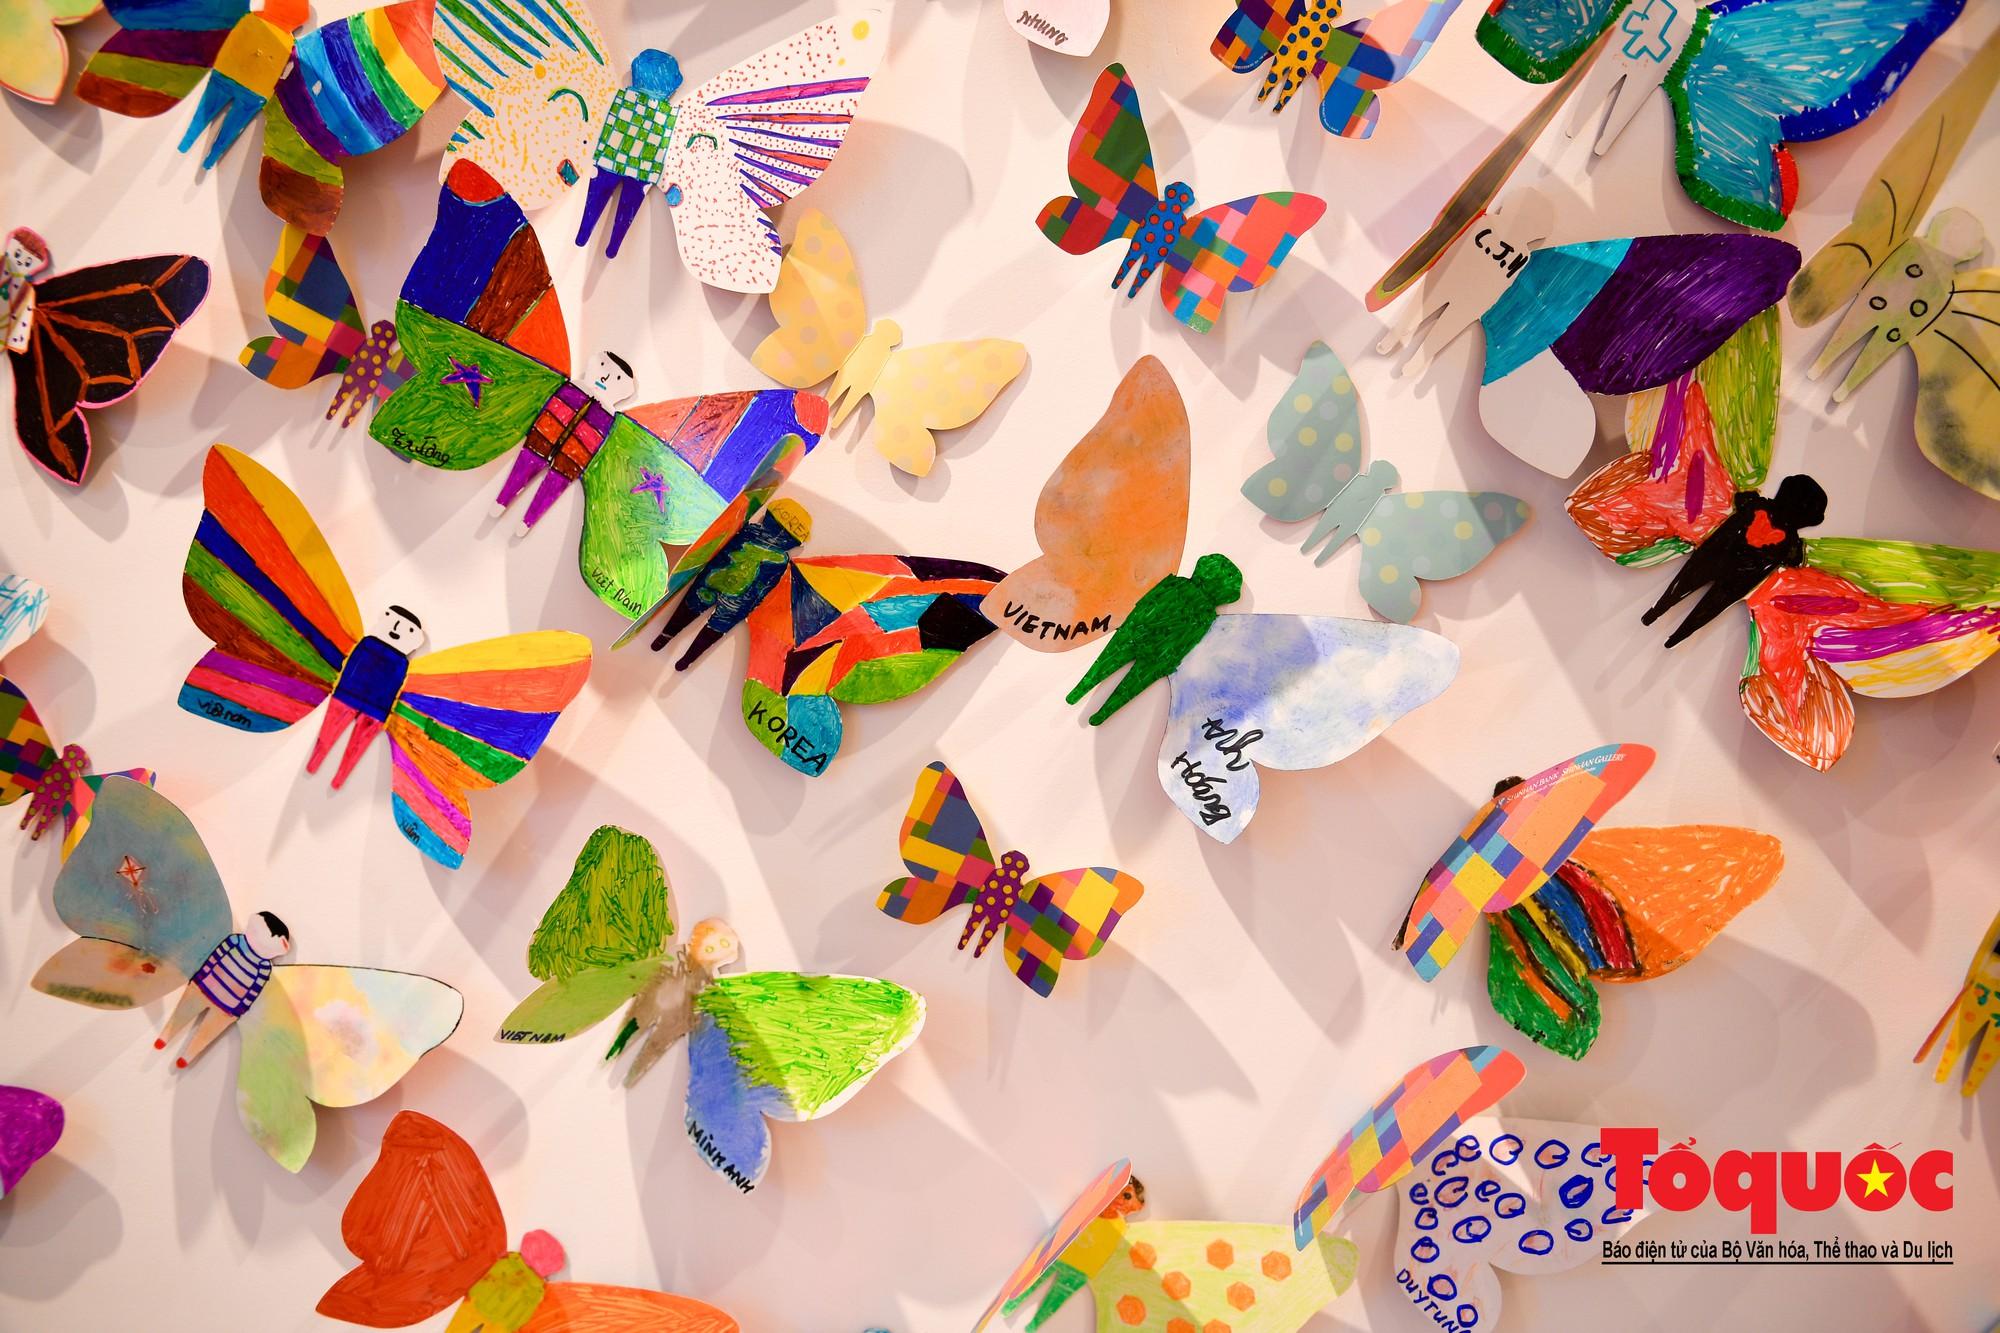 Hàng ngàn cánh bướm mang thông điệp hoà bình giữa lòng Hà Nội20